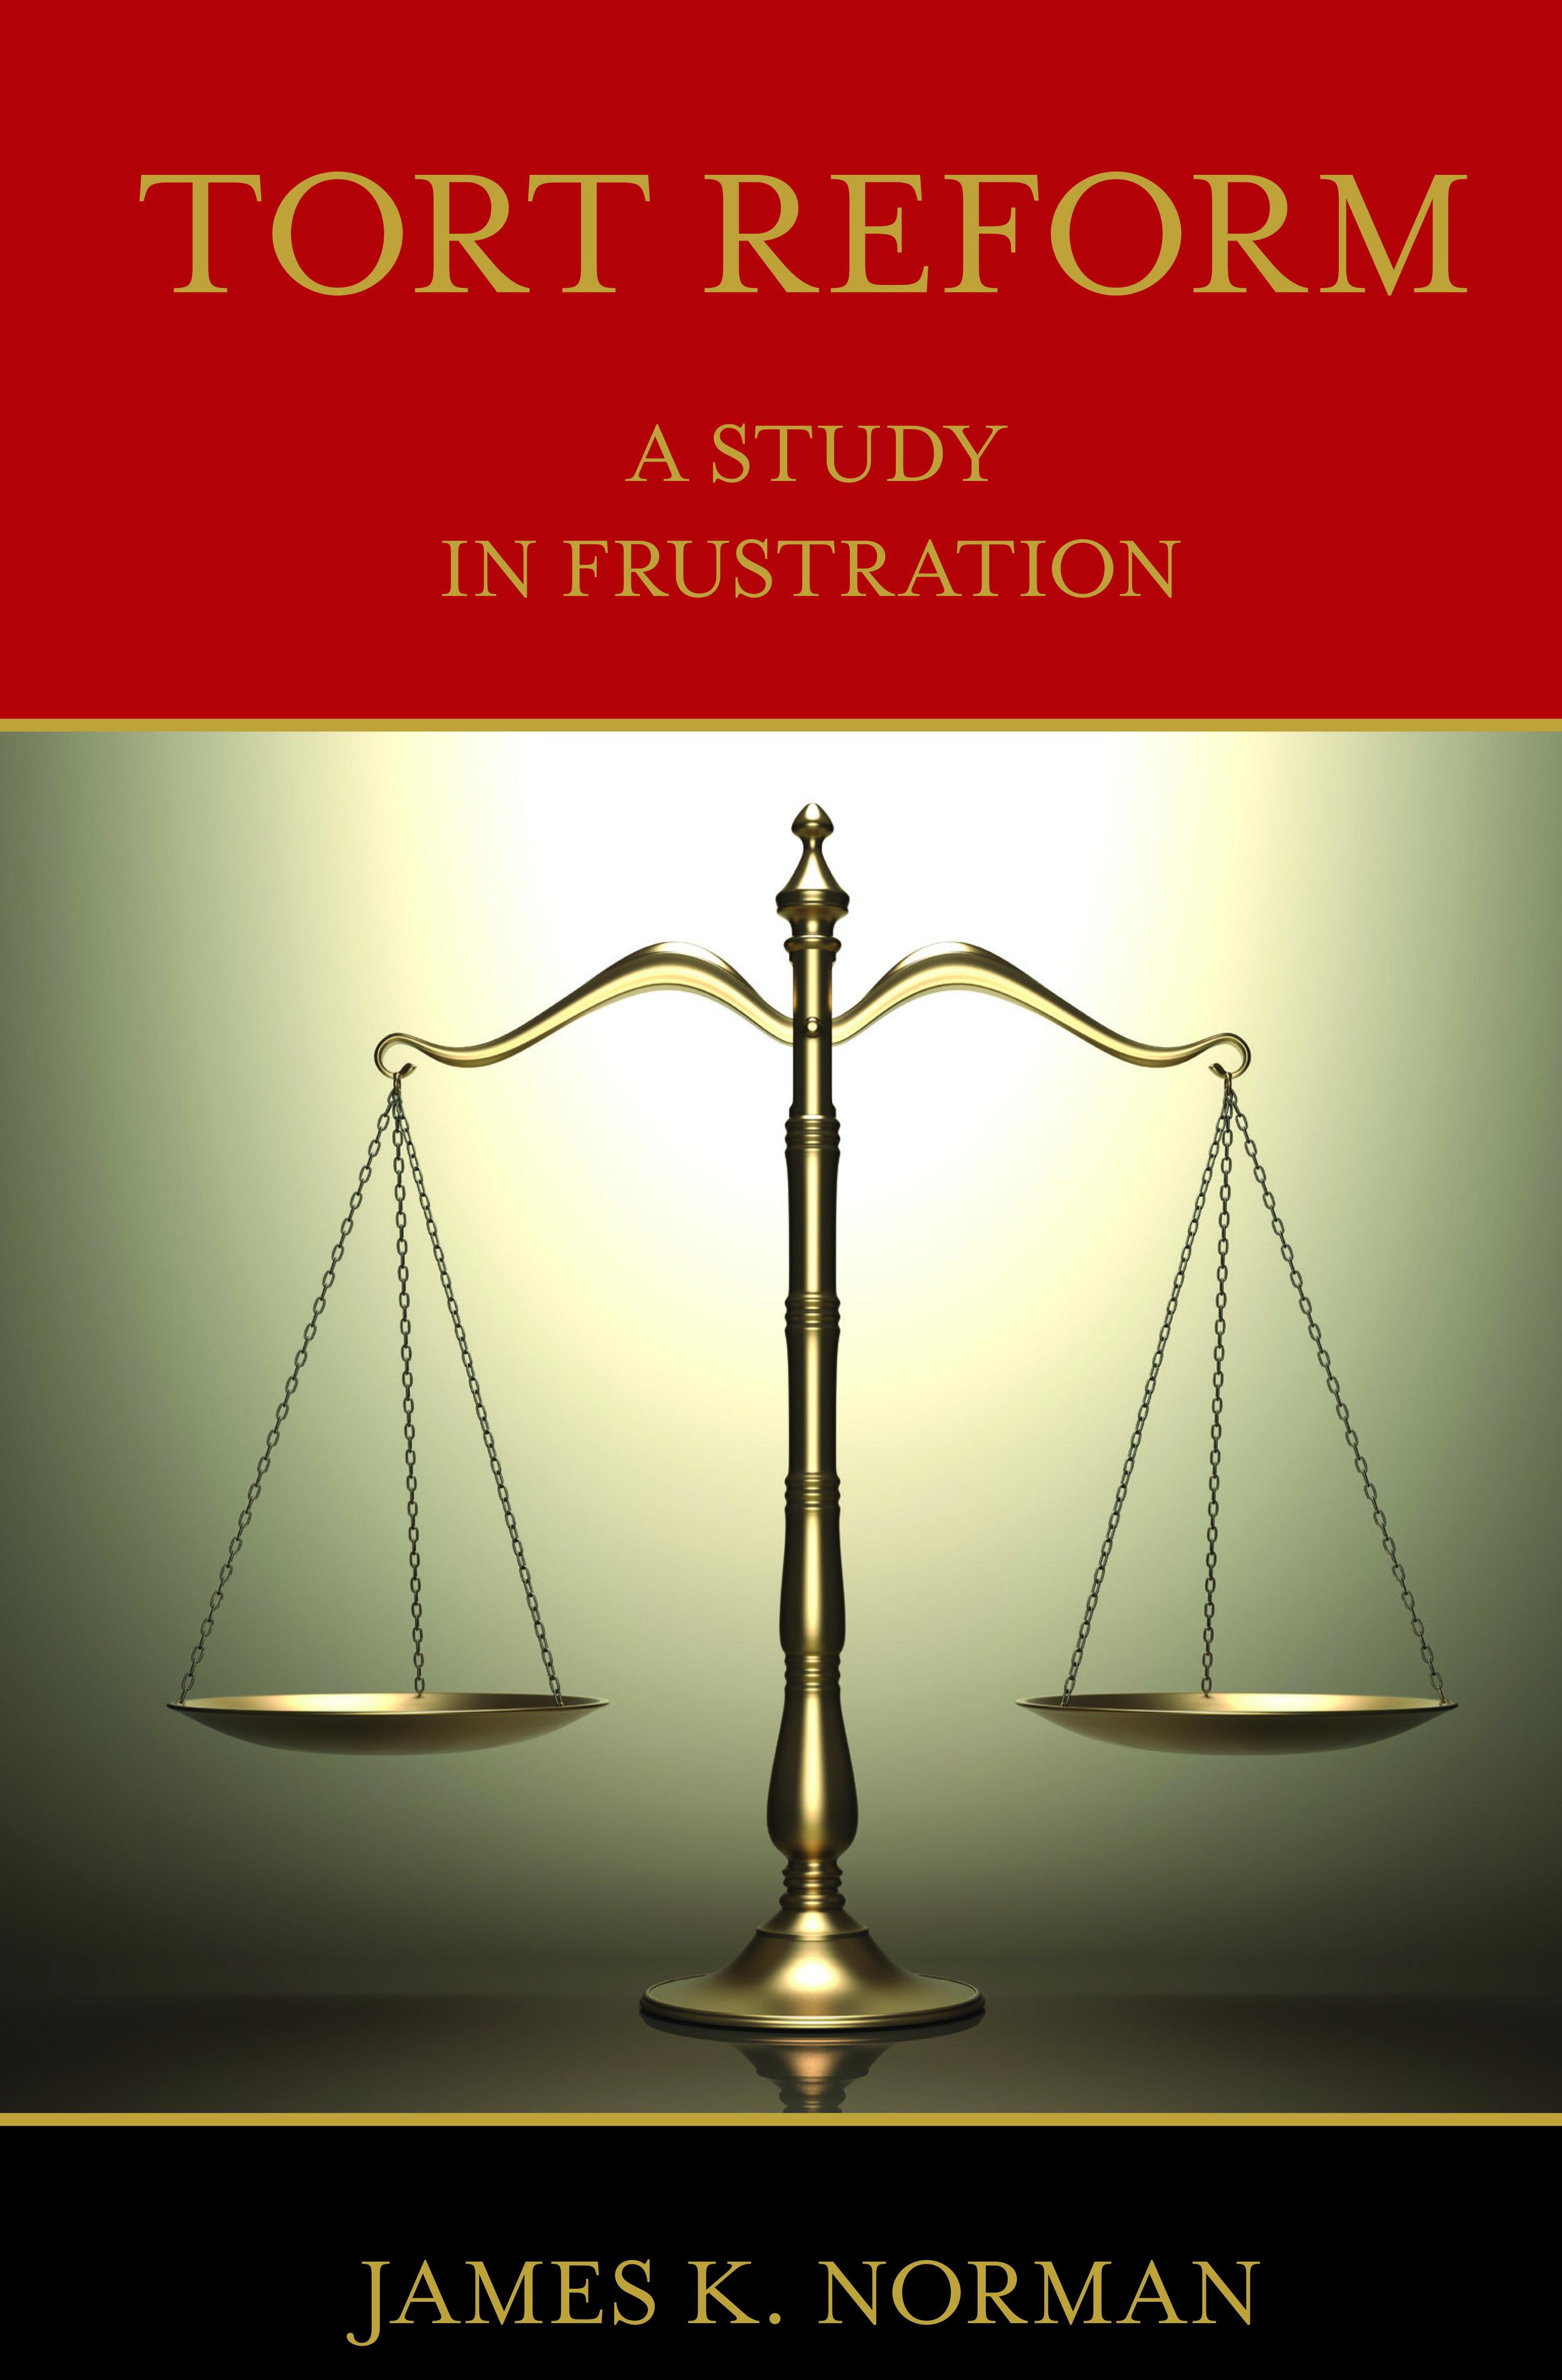 Tort Reform by James K. Norman (Frustration Press, 2018)